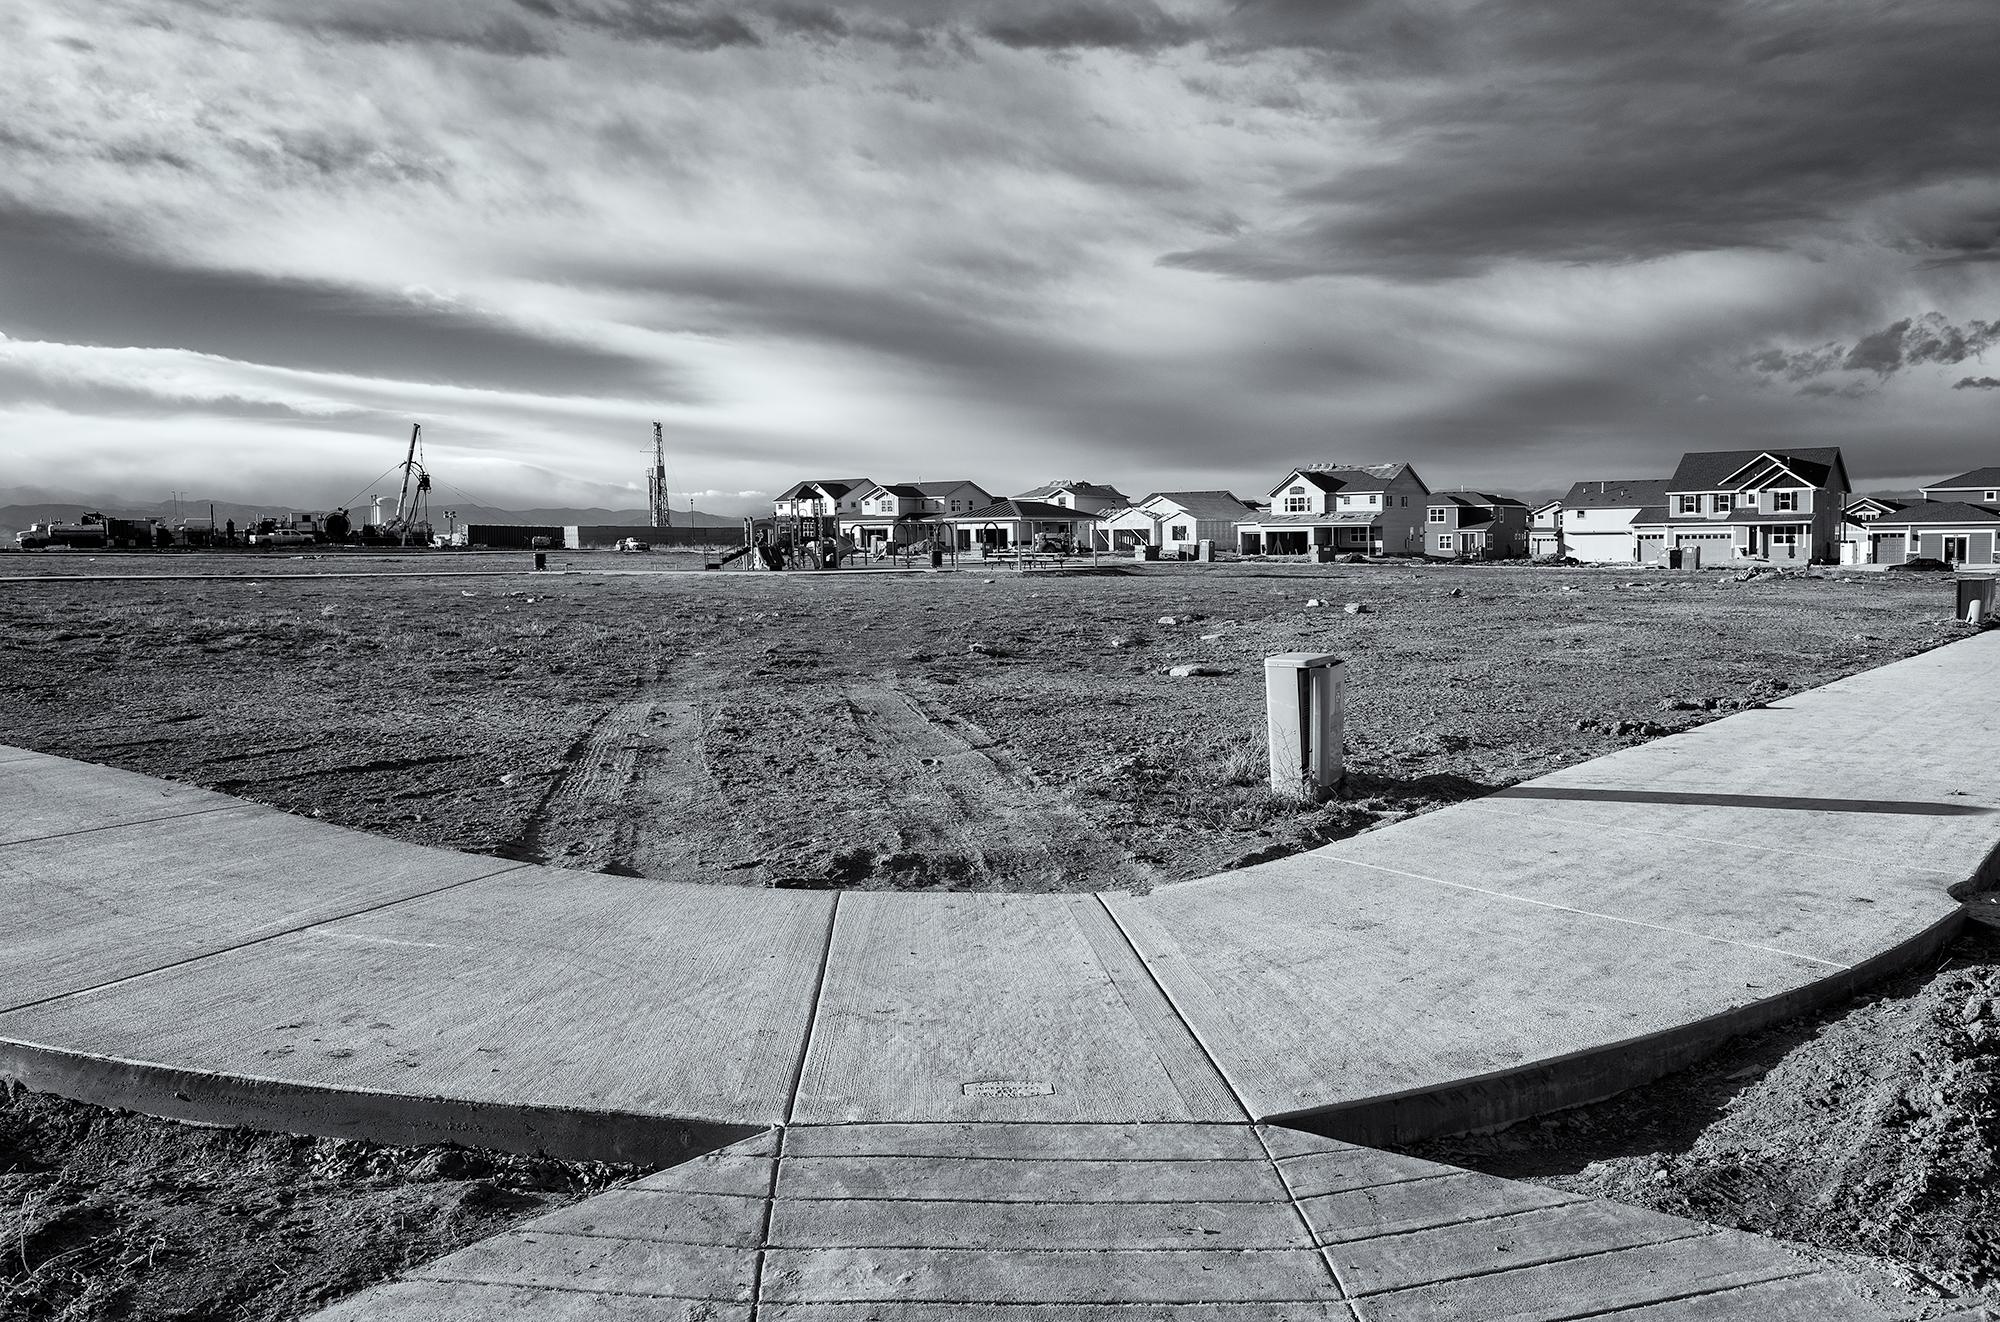 Silver Birch Frack Site, #4. Frederick, Colorado, 2016